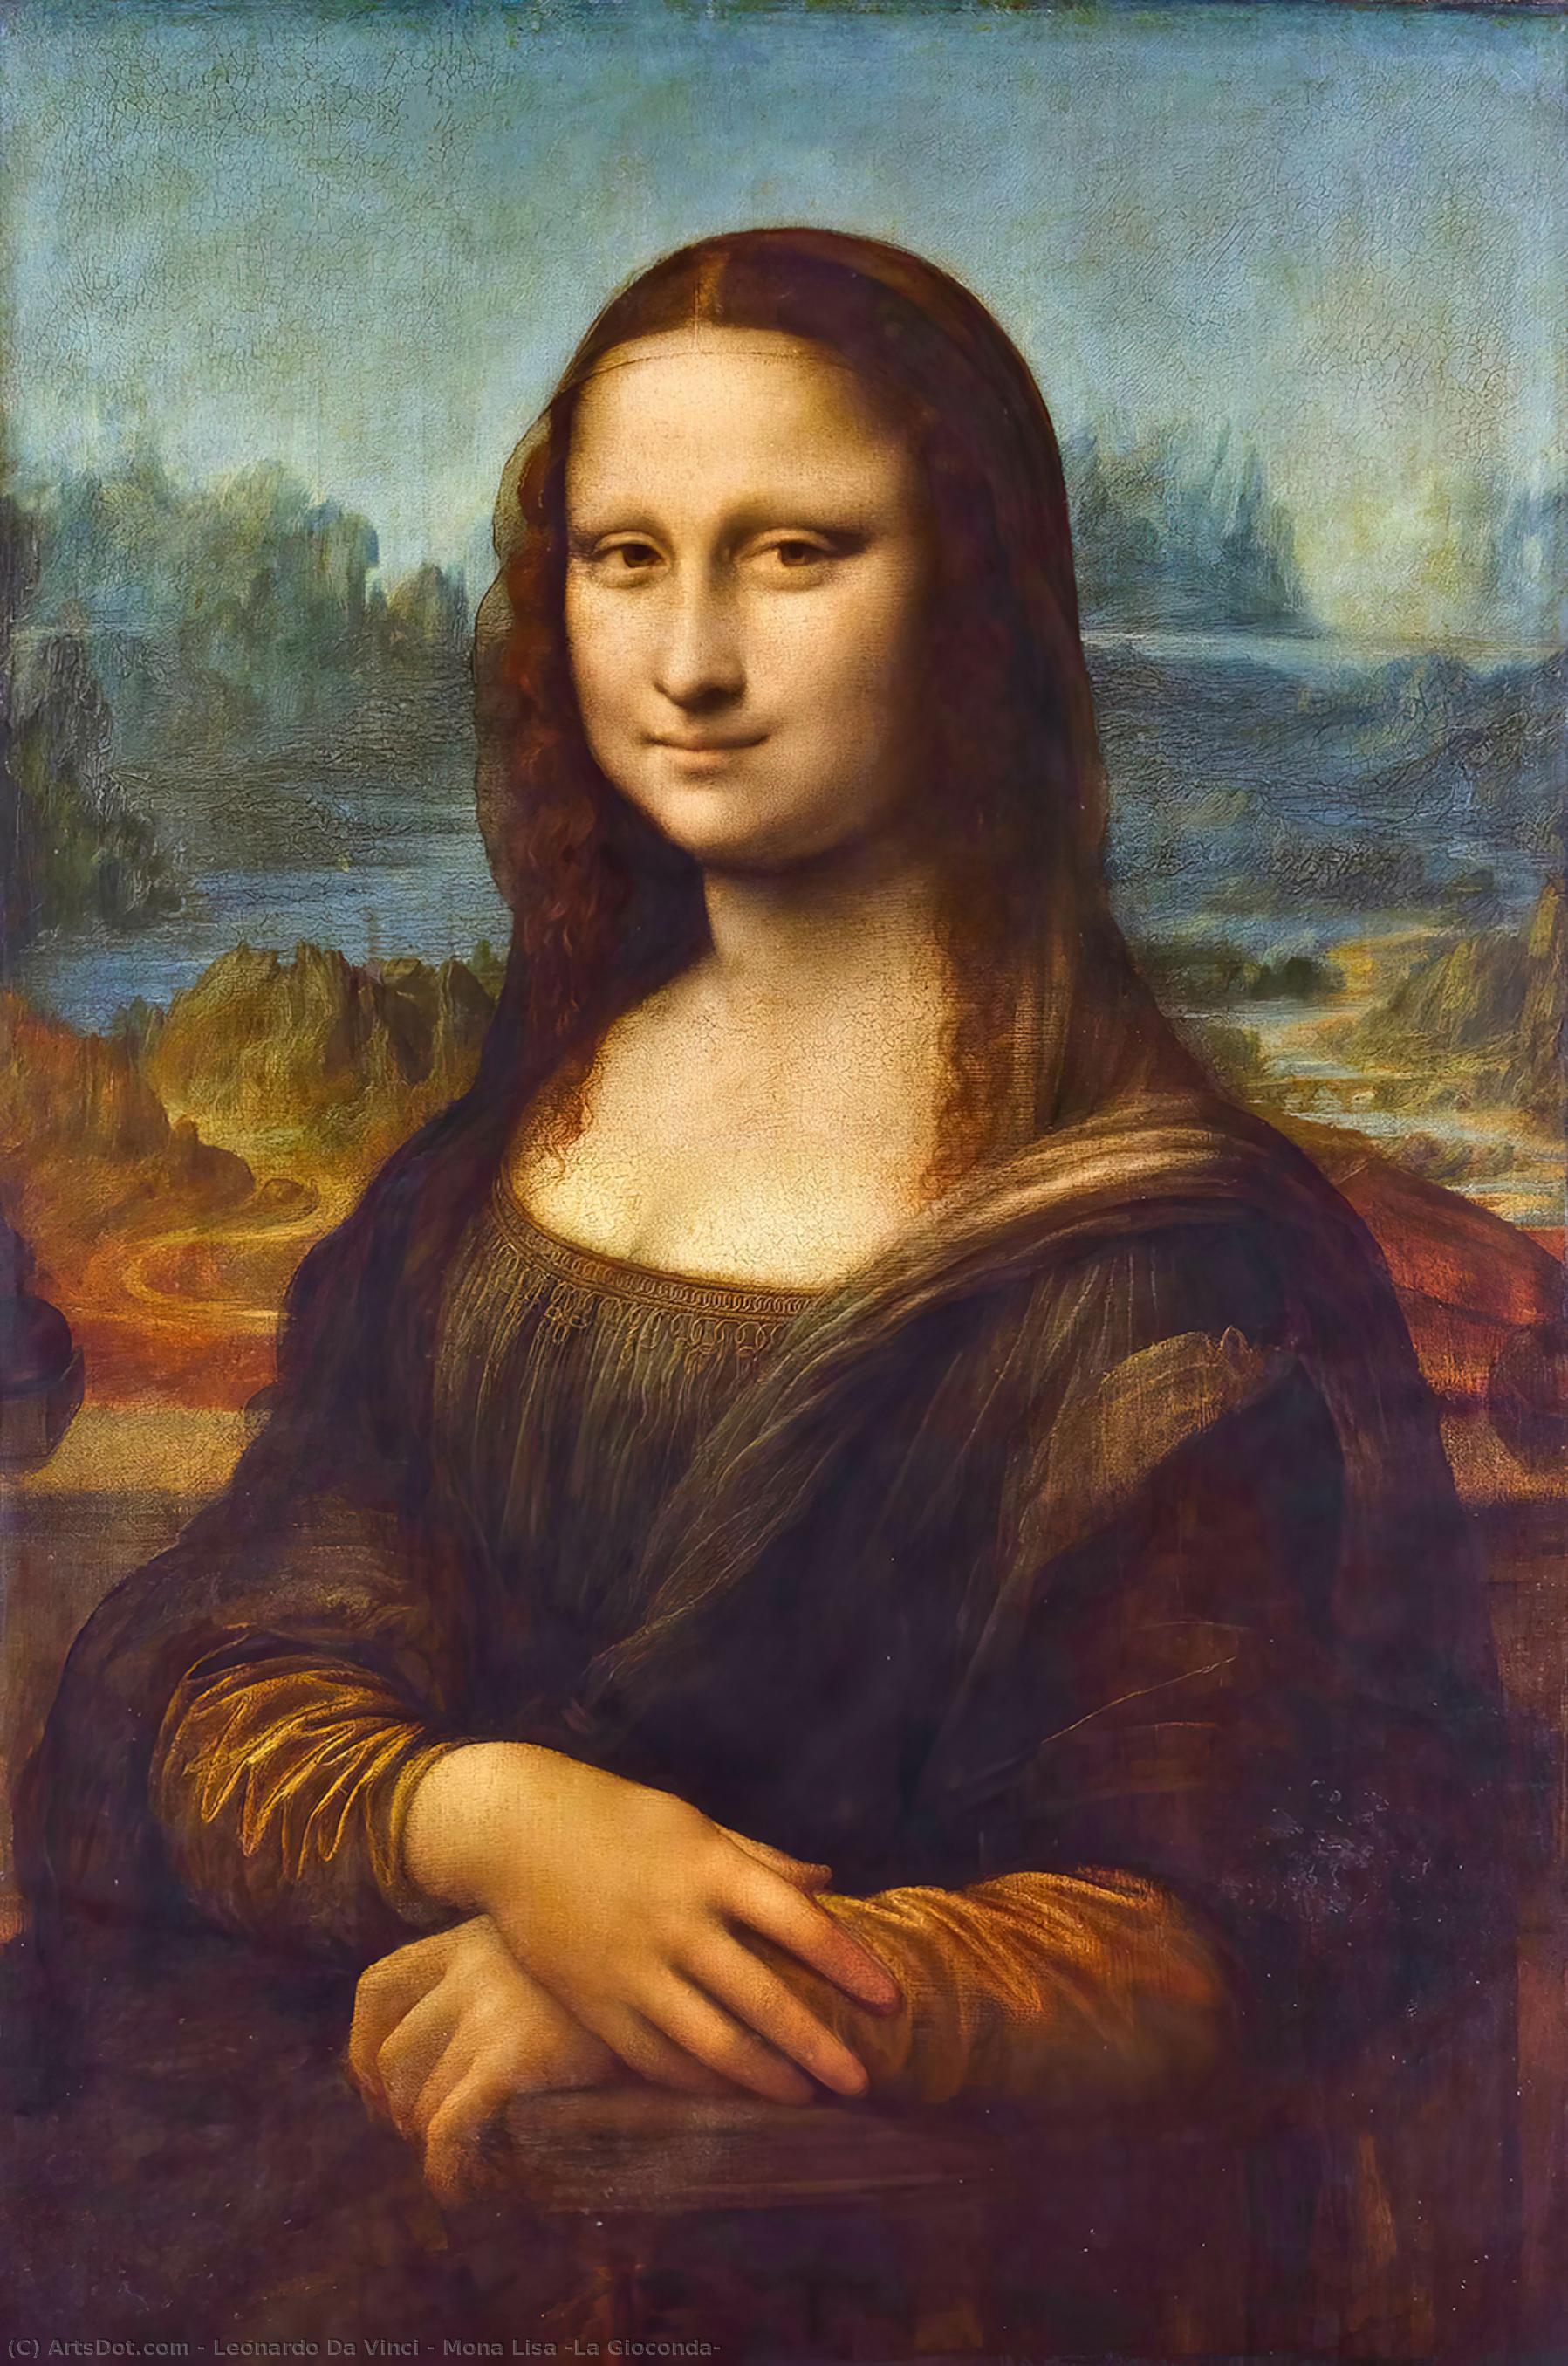 WikiOO.org - Енциклопедія образотворчого мистецтва - Живопис, Картини  Leonardo Da Vinci - Mona Lisa (La Gioconda)